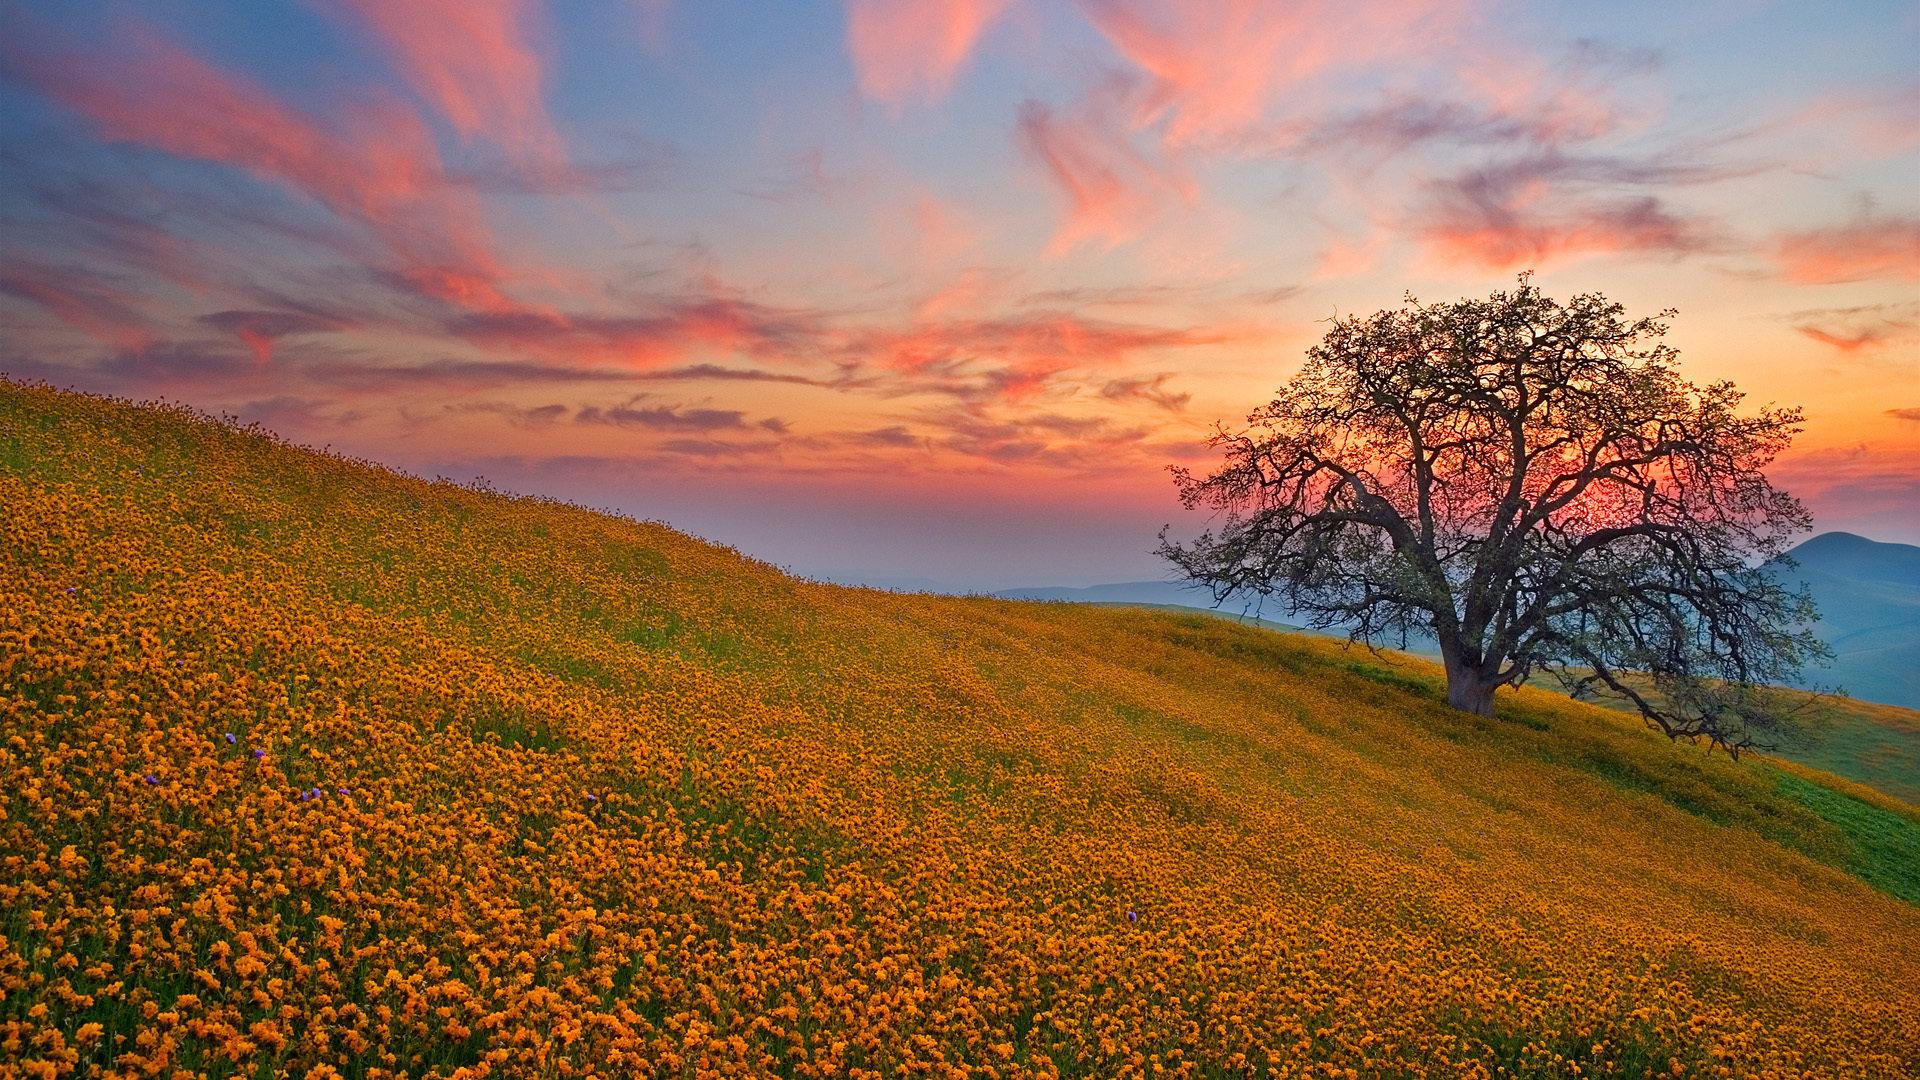 Закат дерево поля холмы  № 2965361 загрузить